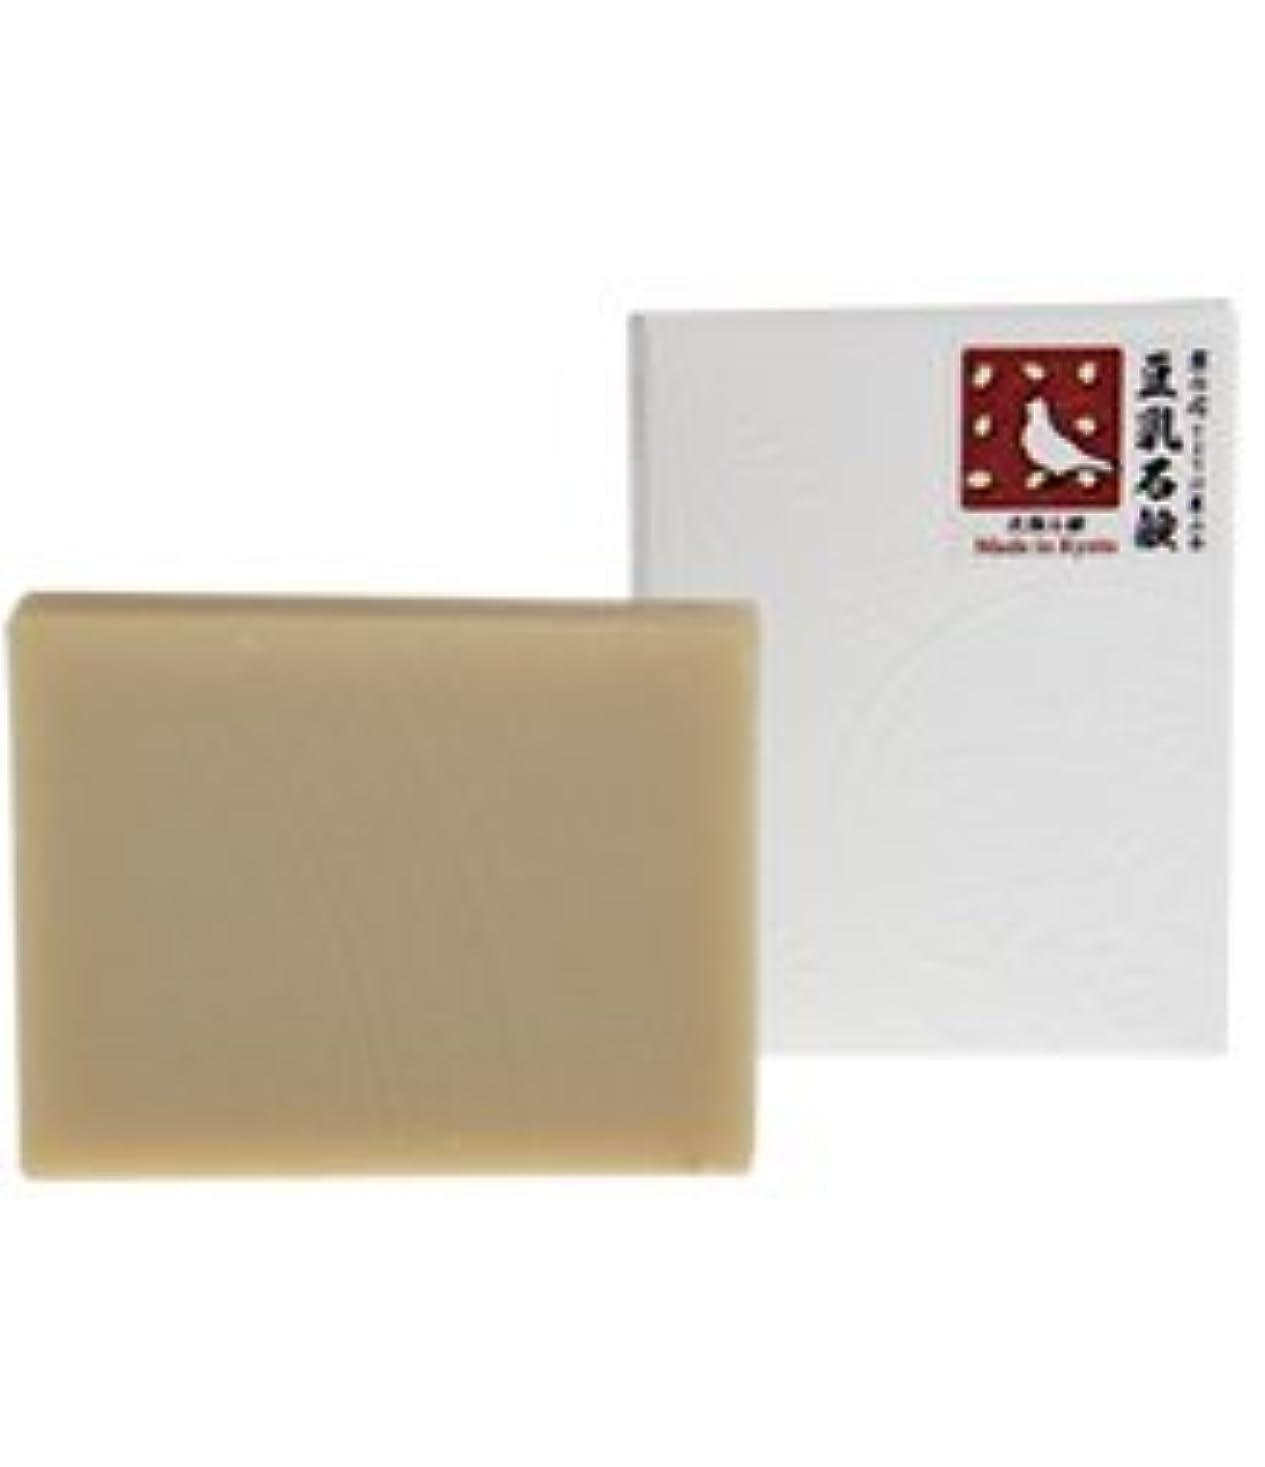 平衡十分な東ティモール豆乳石鹸|石鹸屋(京都しゃぼんや×とようけ屋山本)洗顔石鹸